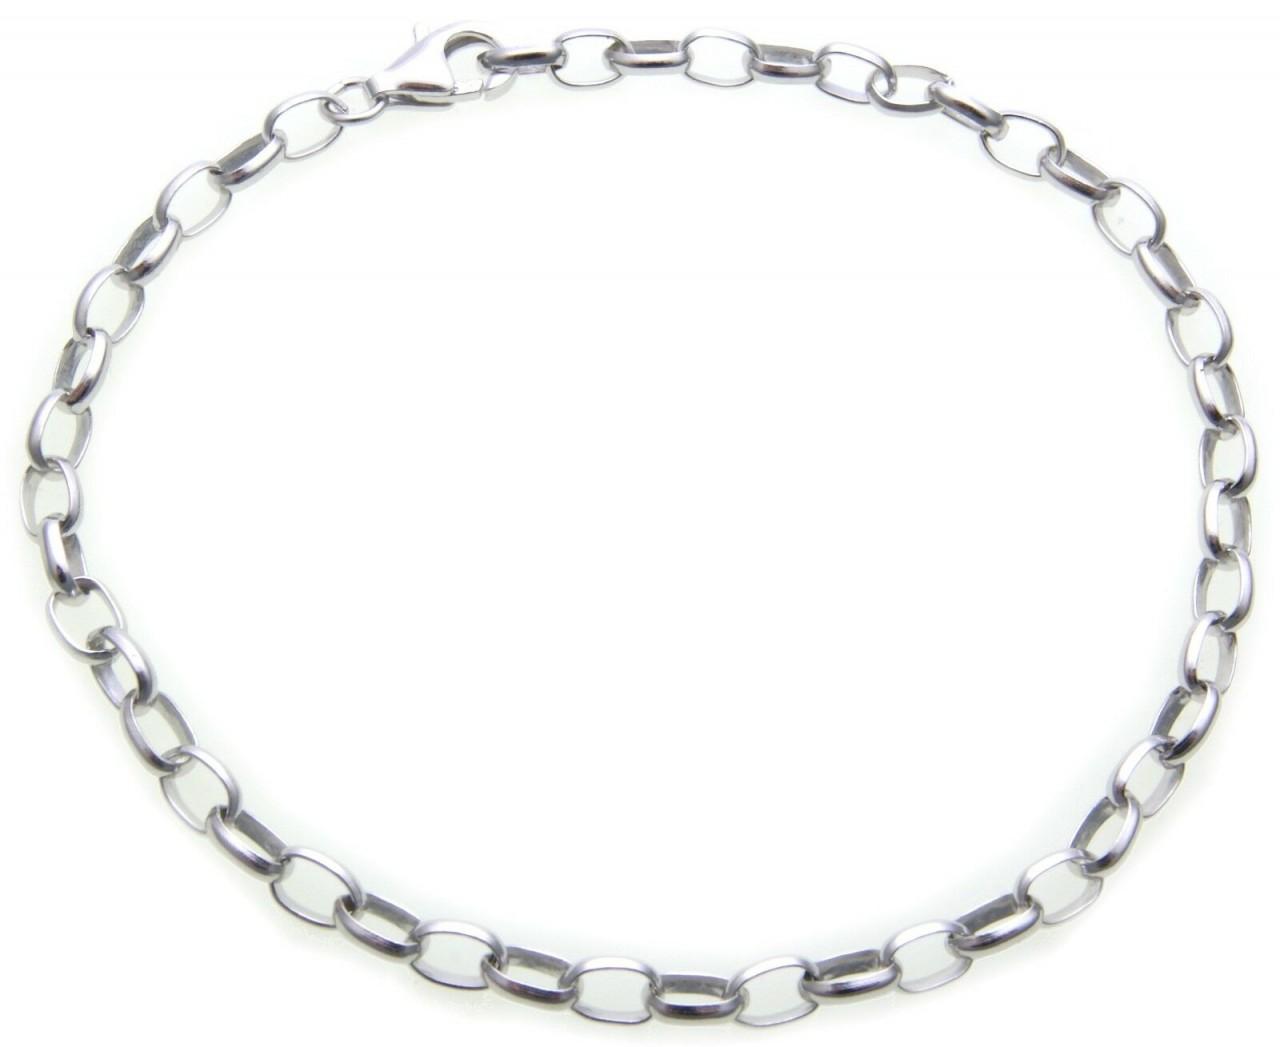 Damen Armband Kette für Charms echt Silber 925 Einhänger 19 cm Sterlingsilber